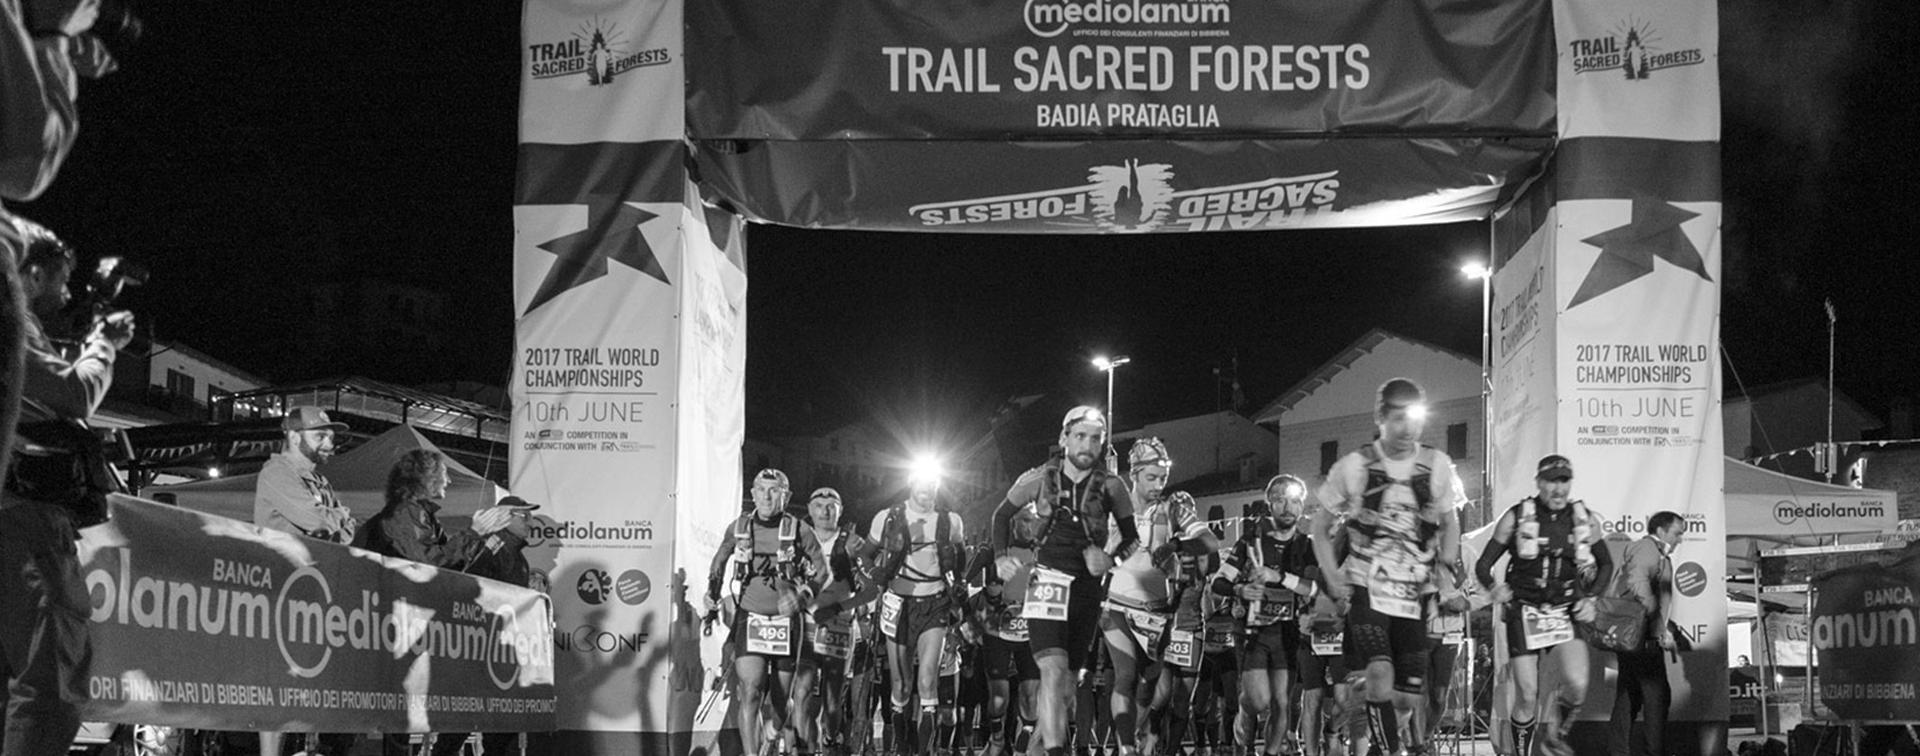 .Campionato del mondo 2017 Trail delle foreste sacre